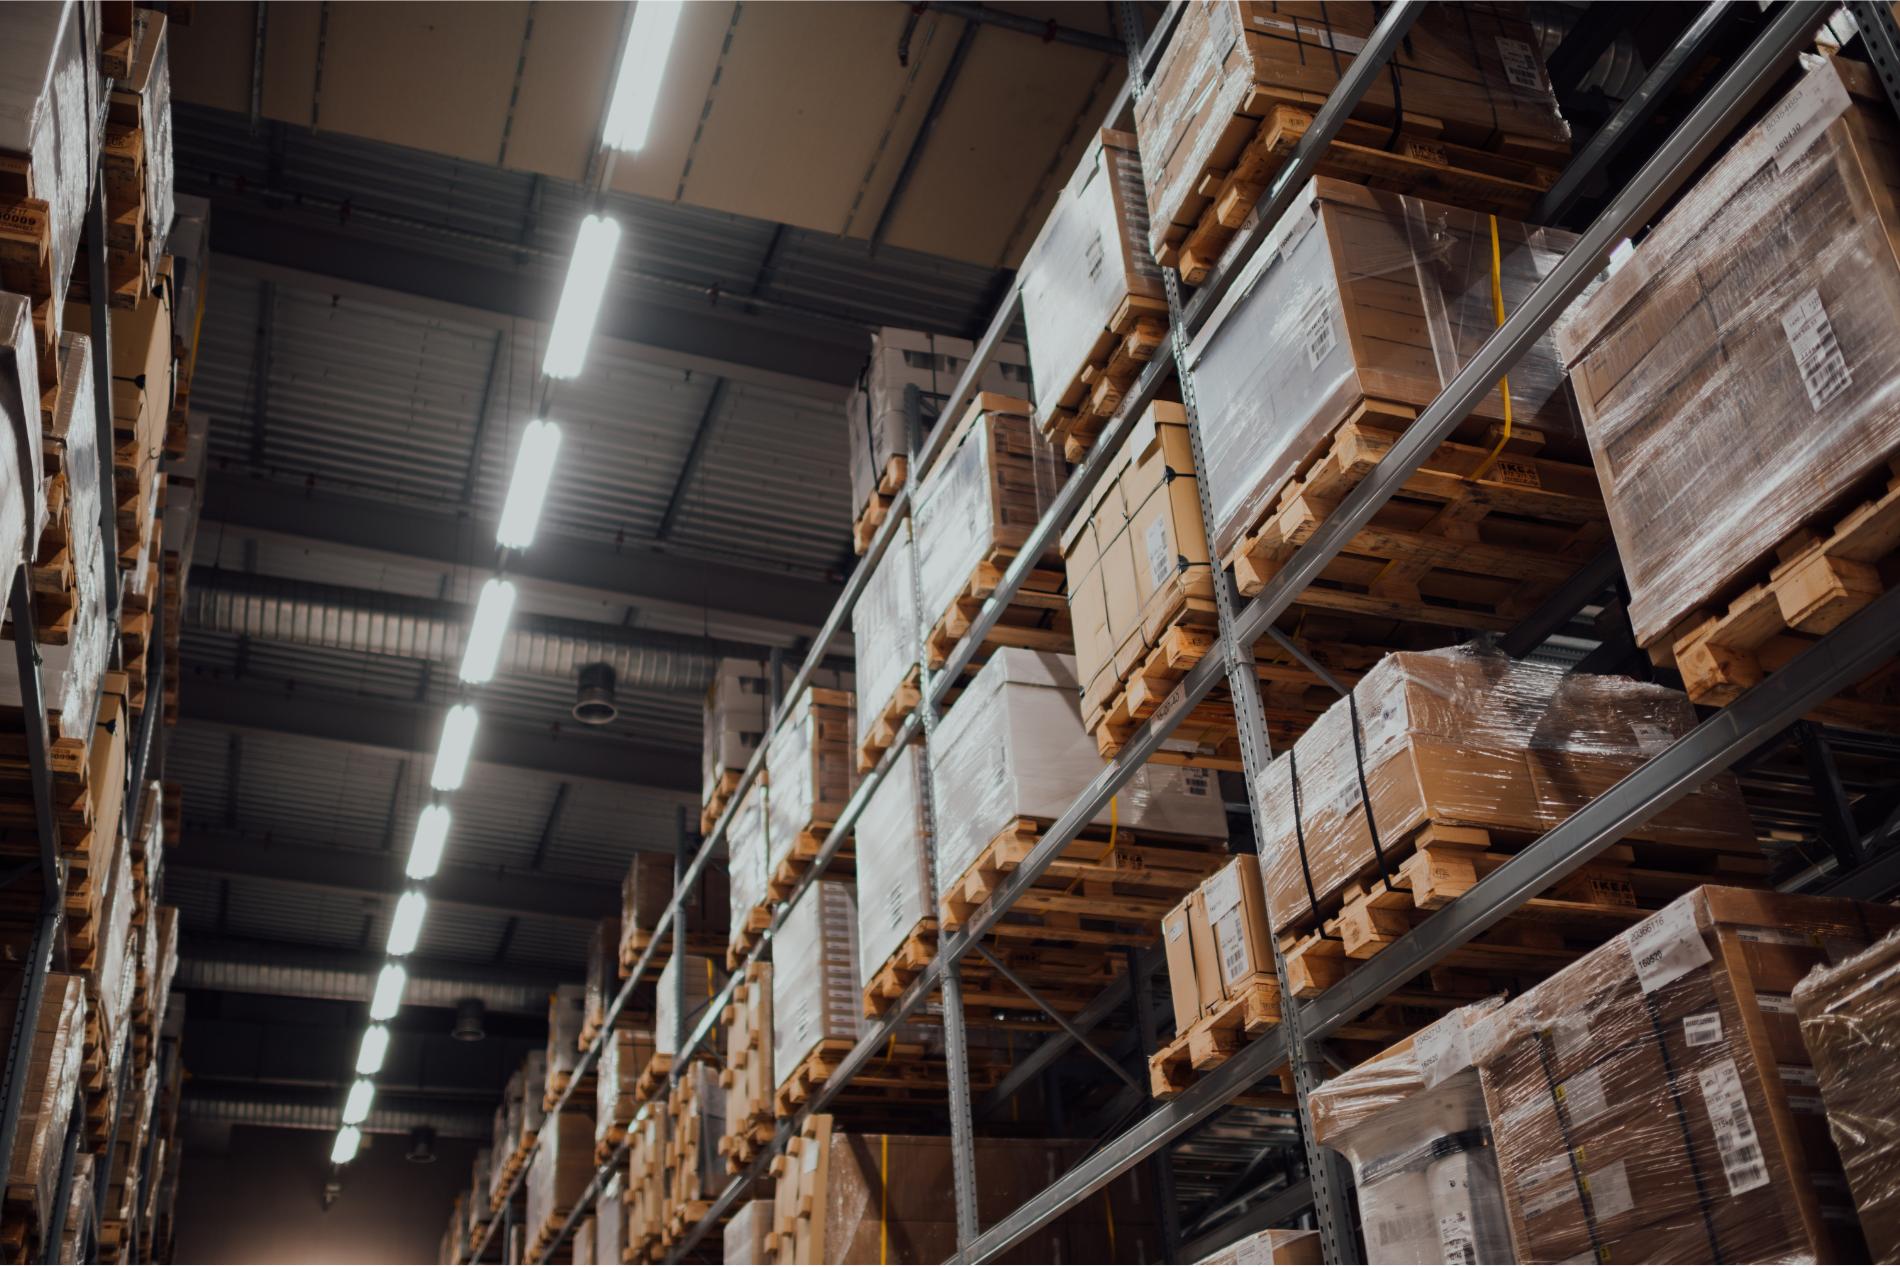 retail warehouse stock